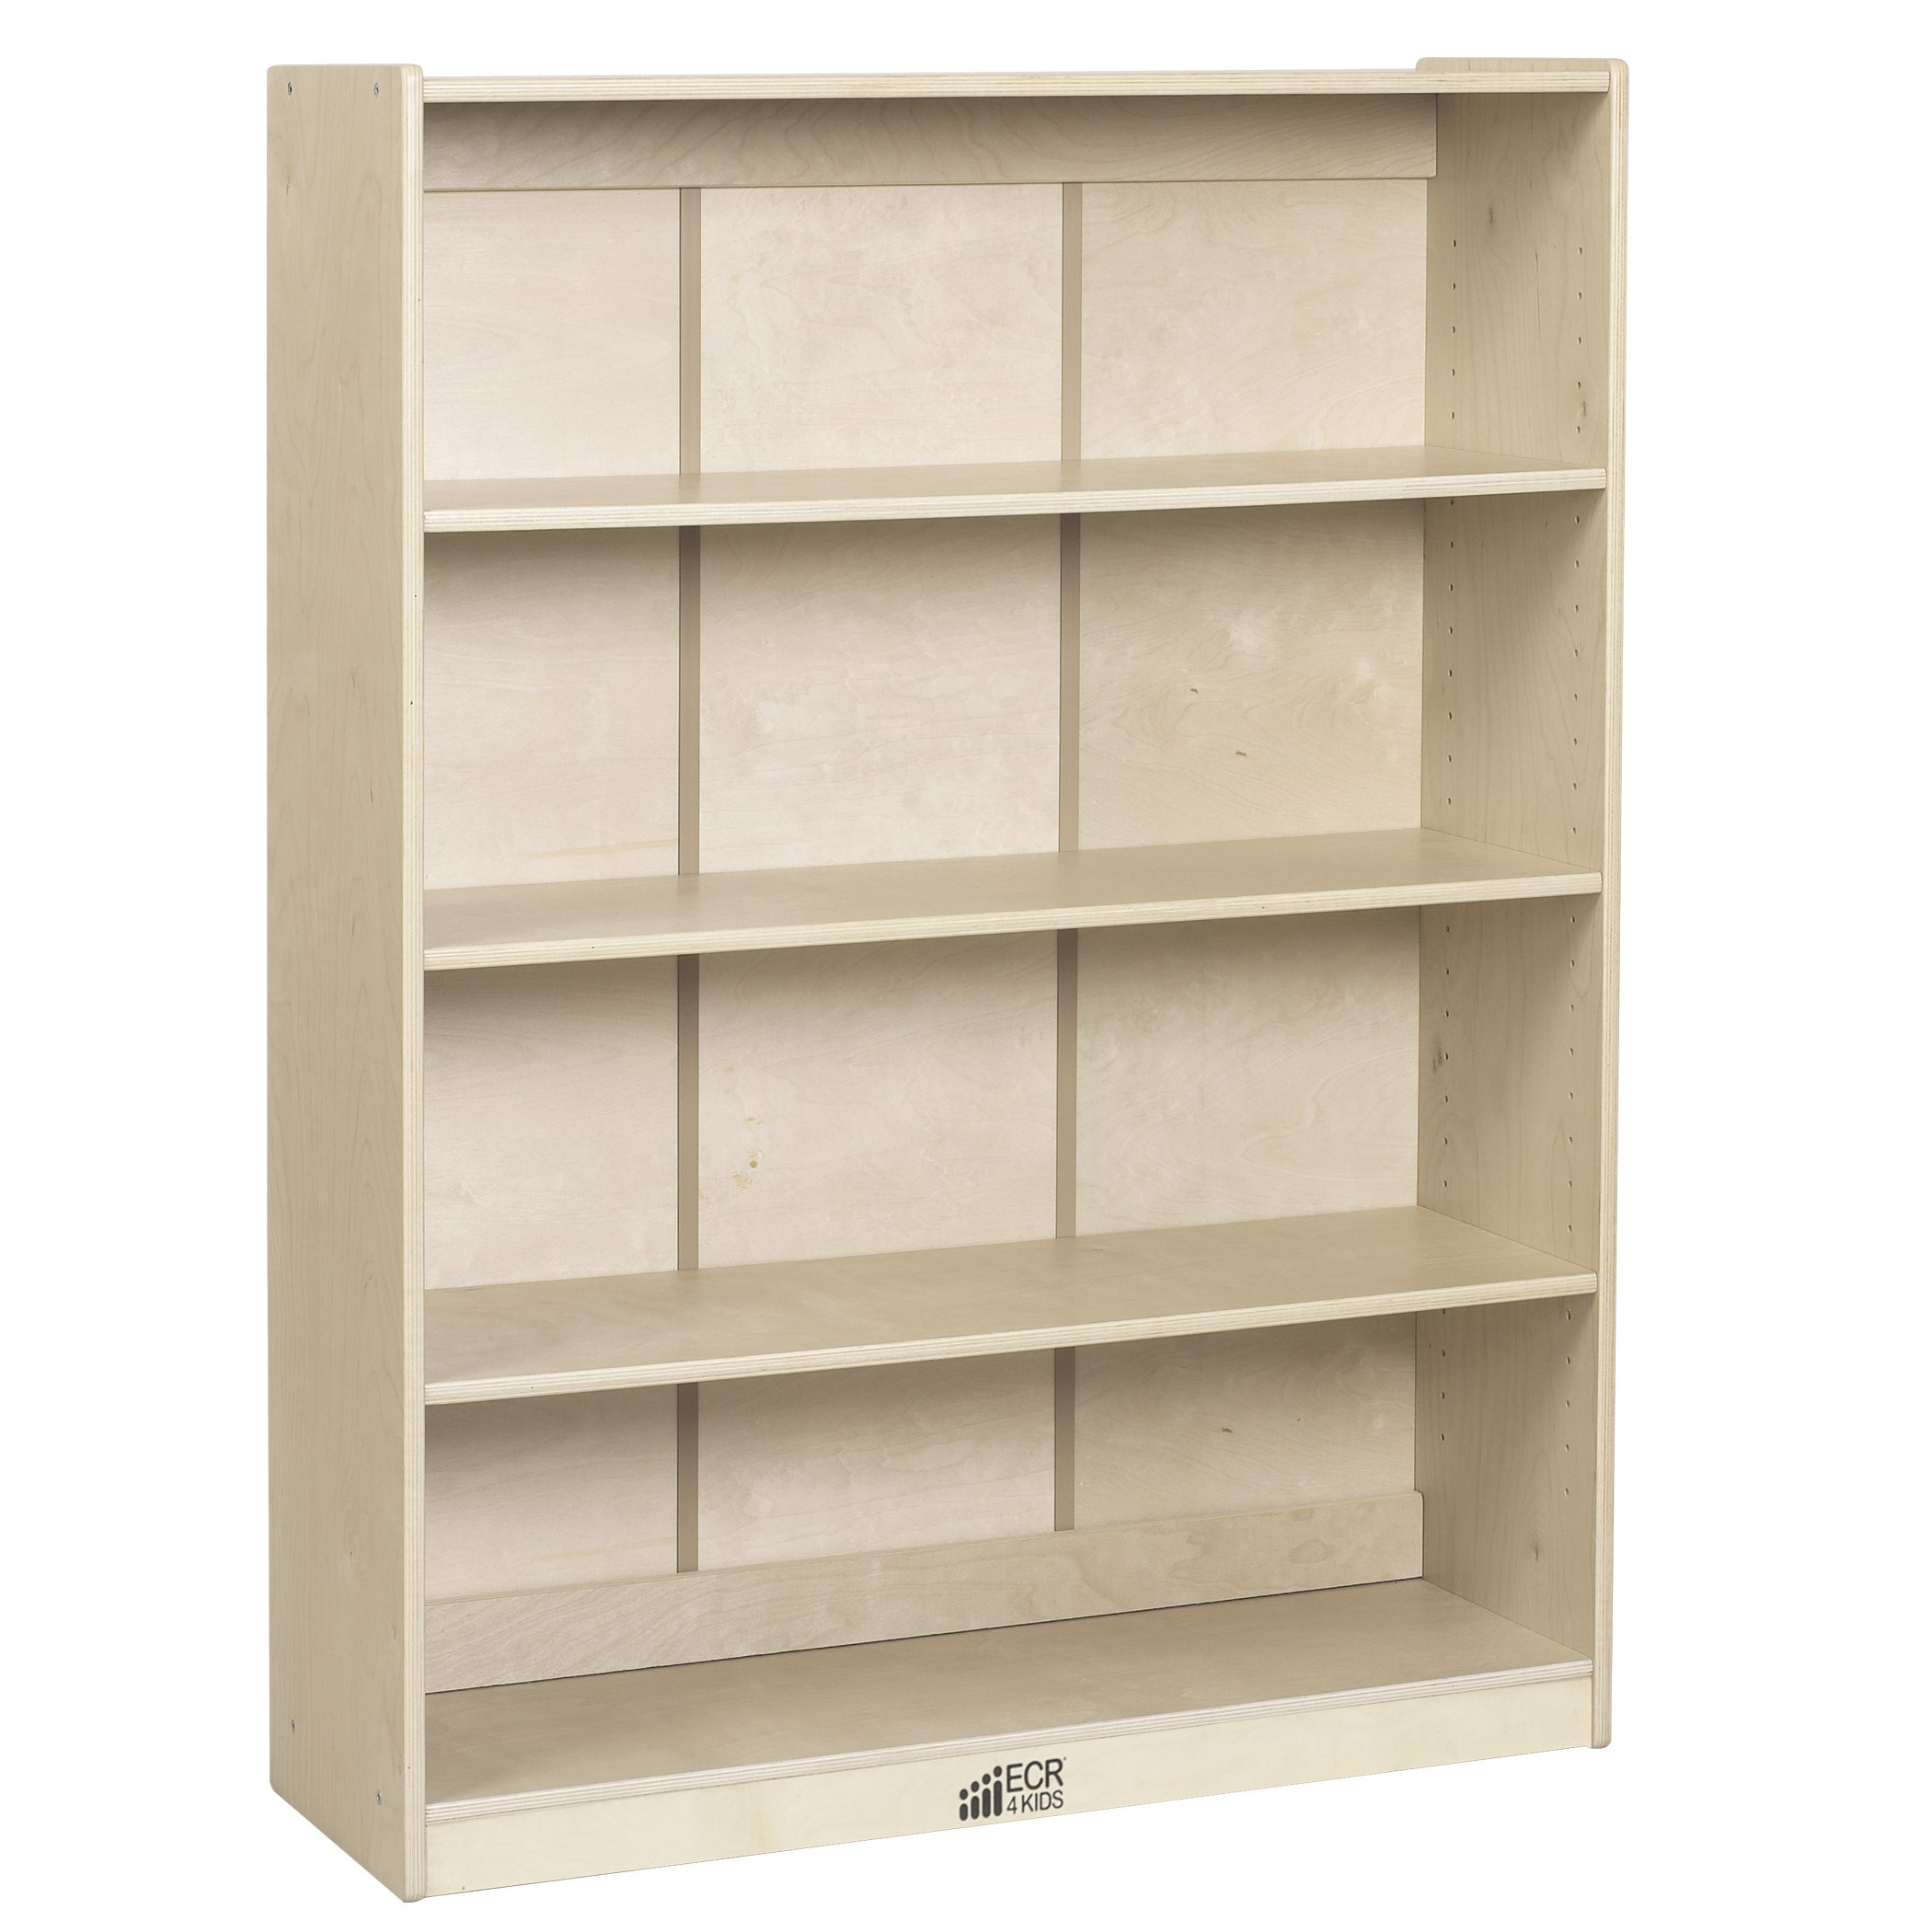 ECR4Kids Birch Hardwood School Bookcase, Adjustable Shelves, Natural, 48'' H